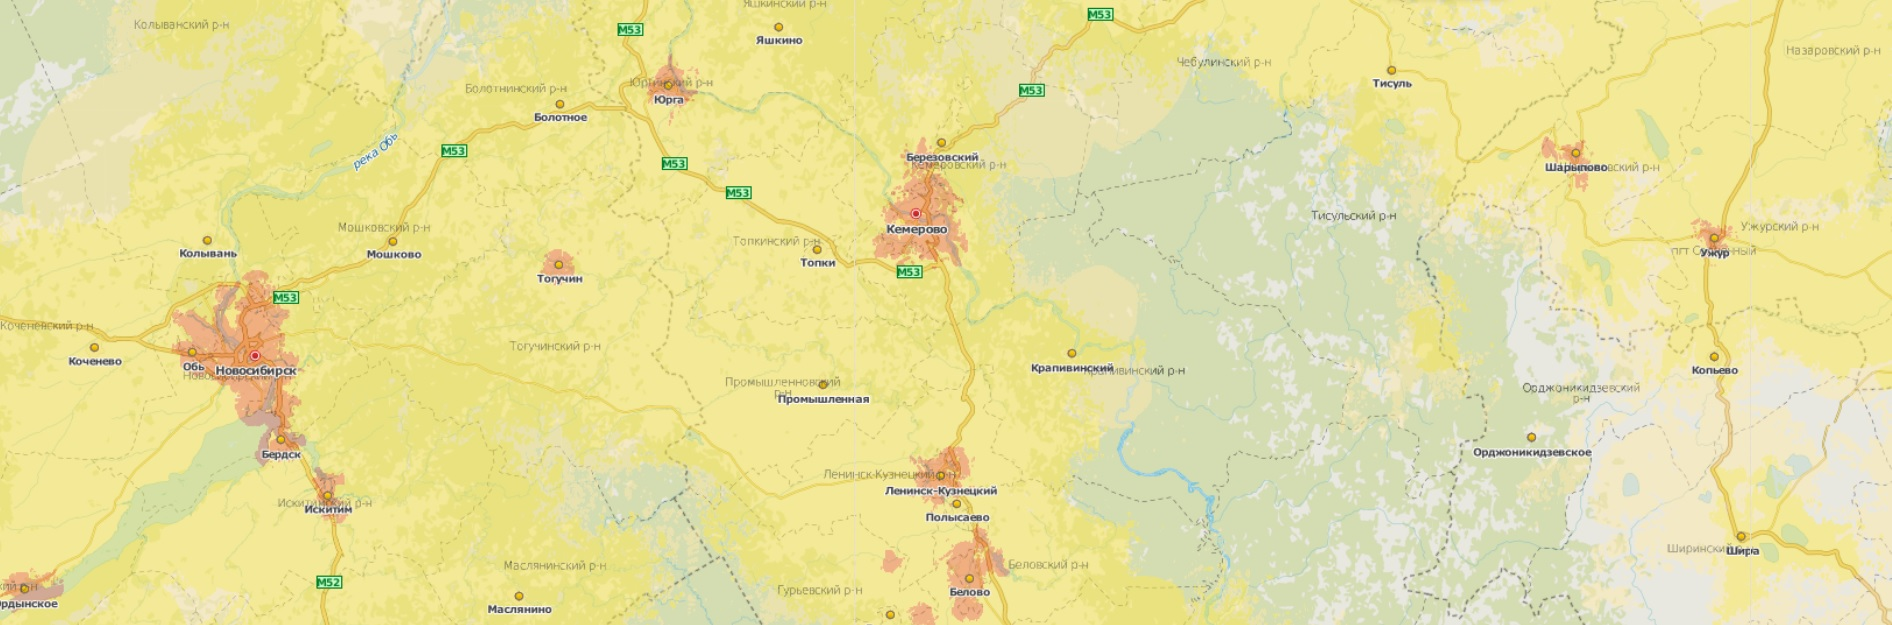 Тарифы Билайн Кемеровская область 2019 год